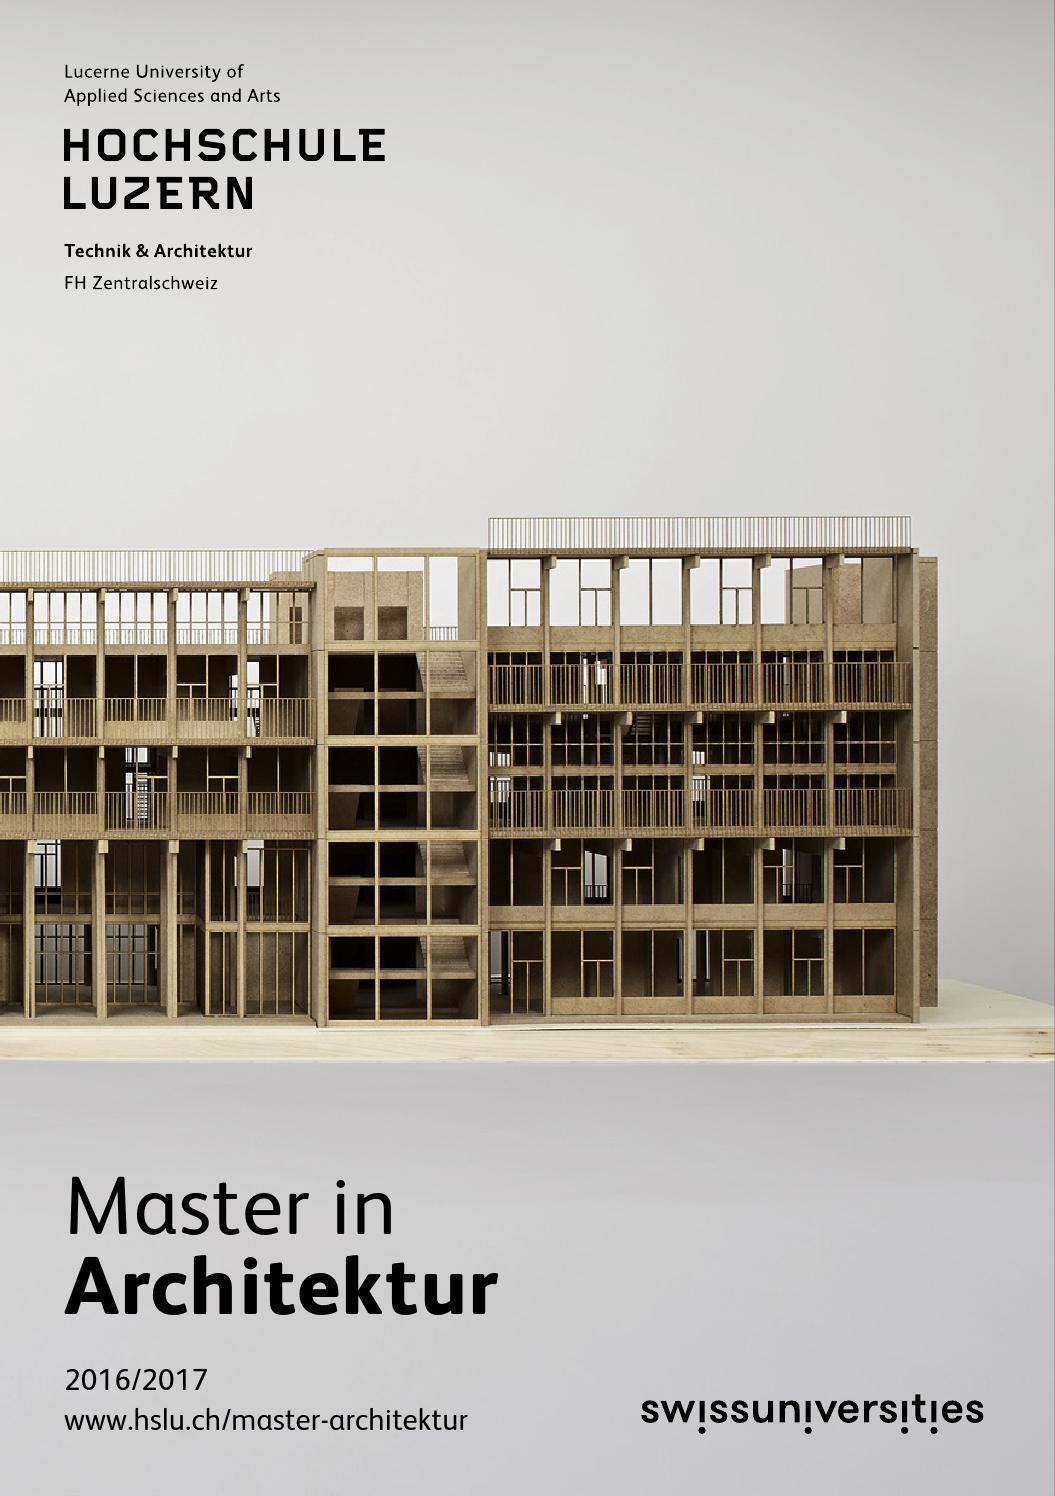 Studienf hrer master architektur 2016 2017 by hochschule for Master architektur